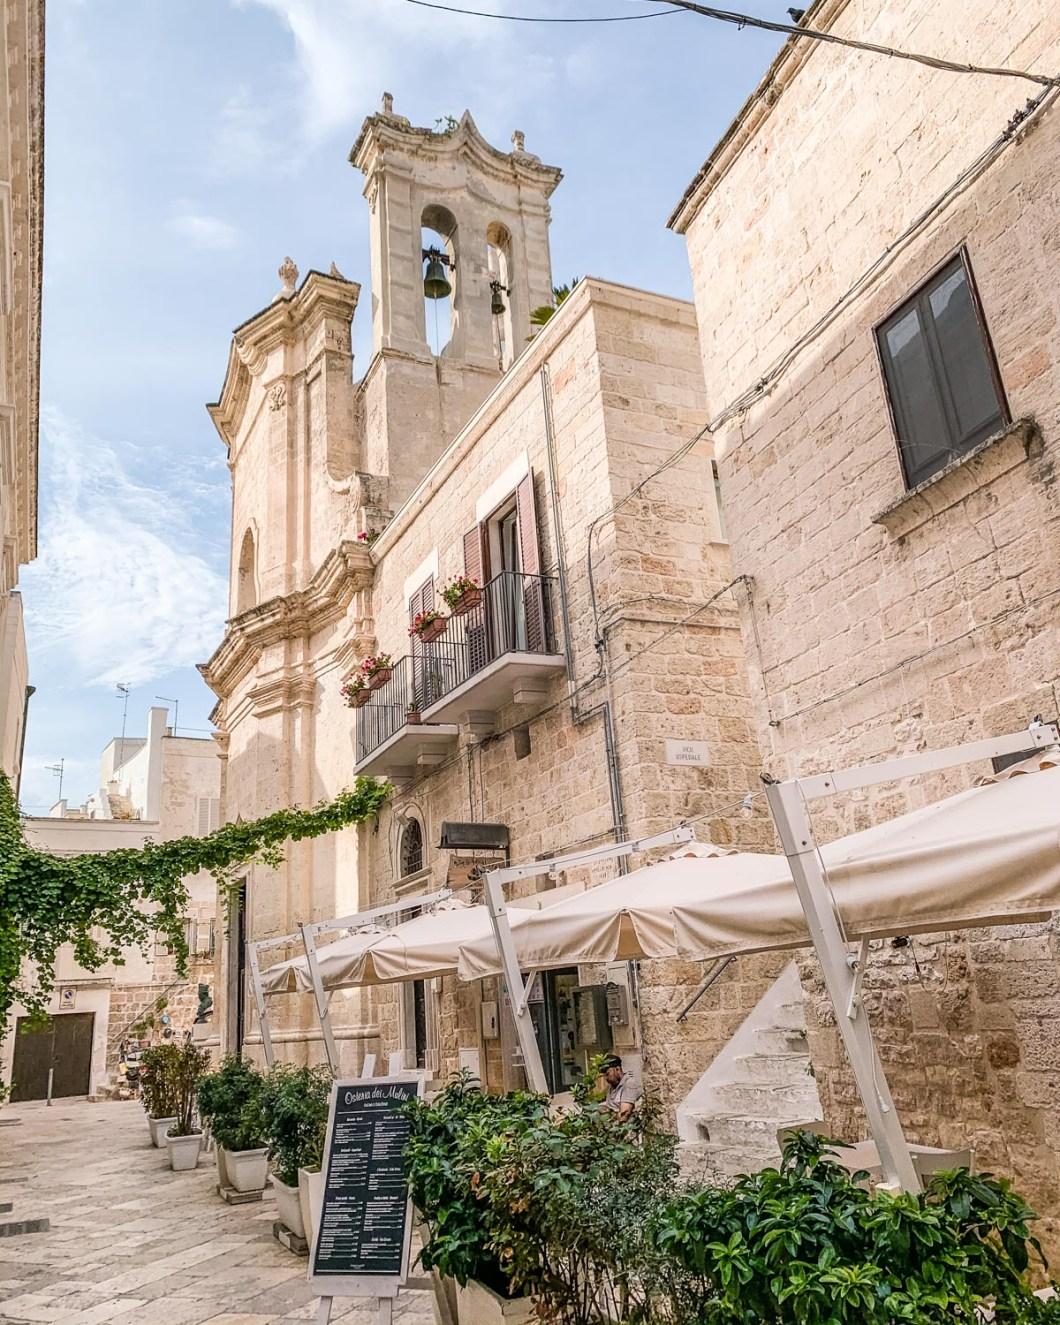 Old Town of Polignano a Mare in Puglia